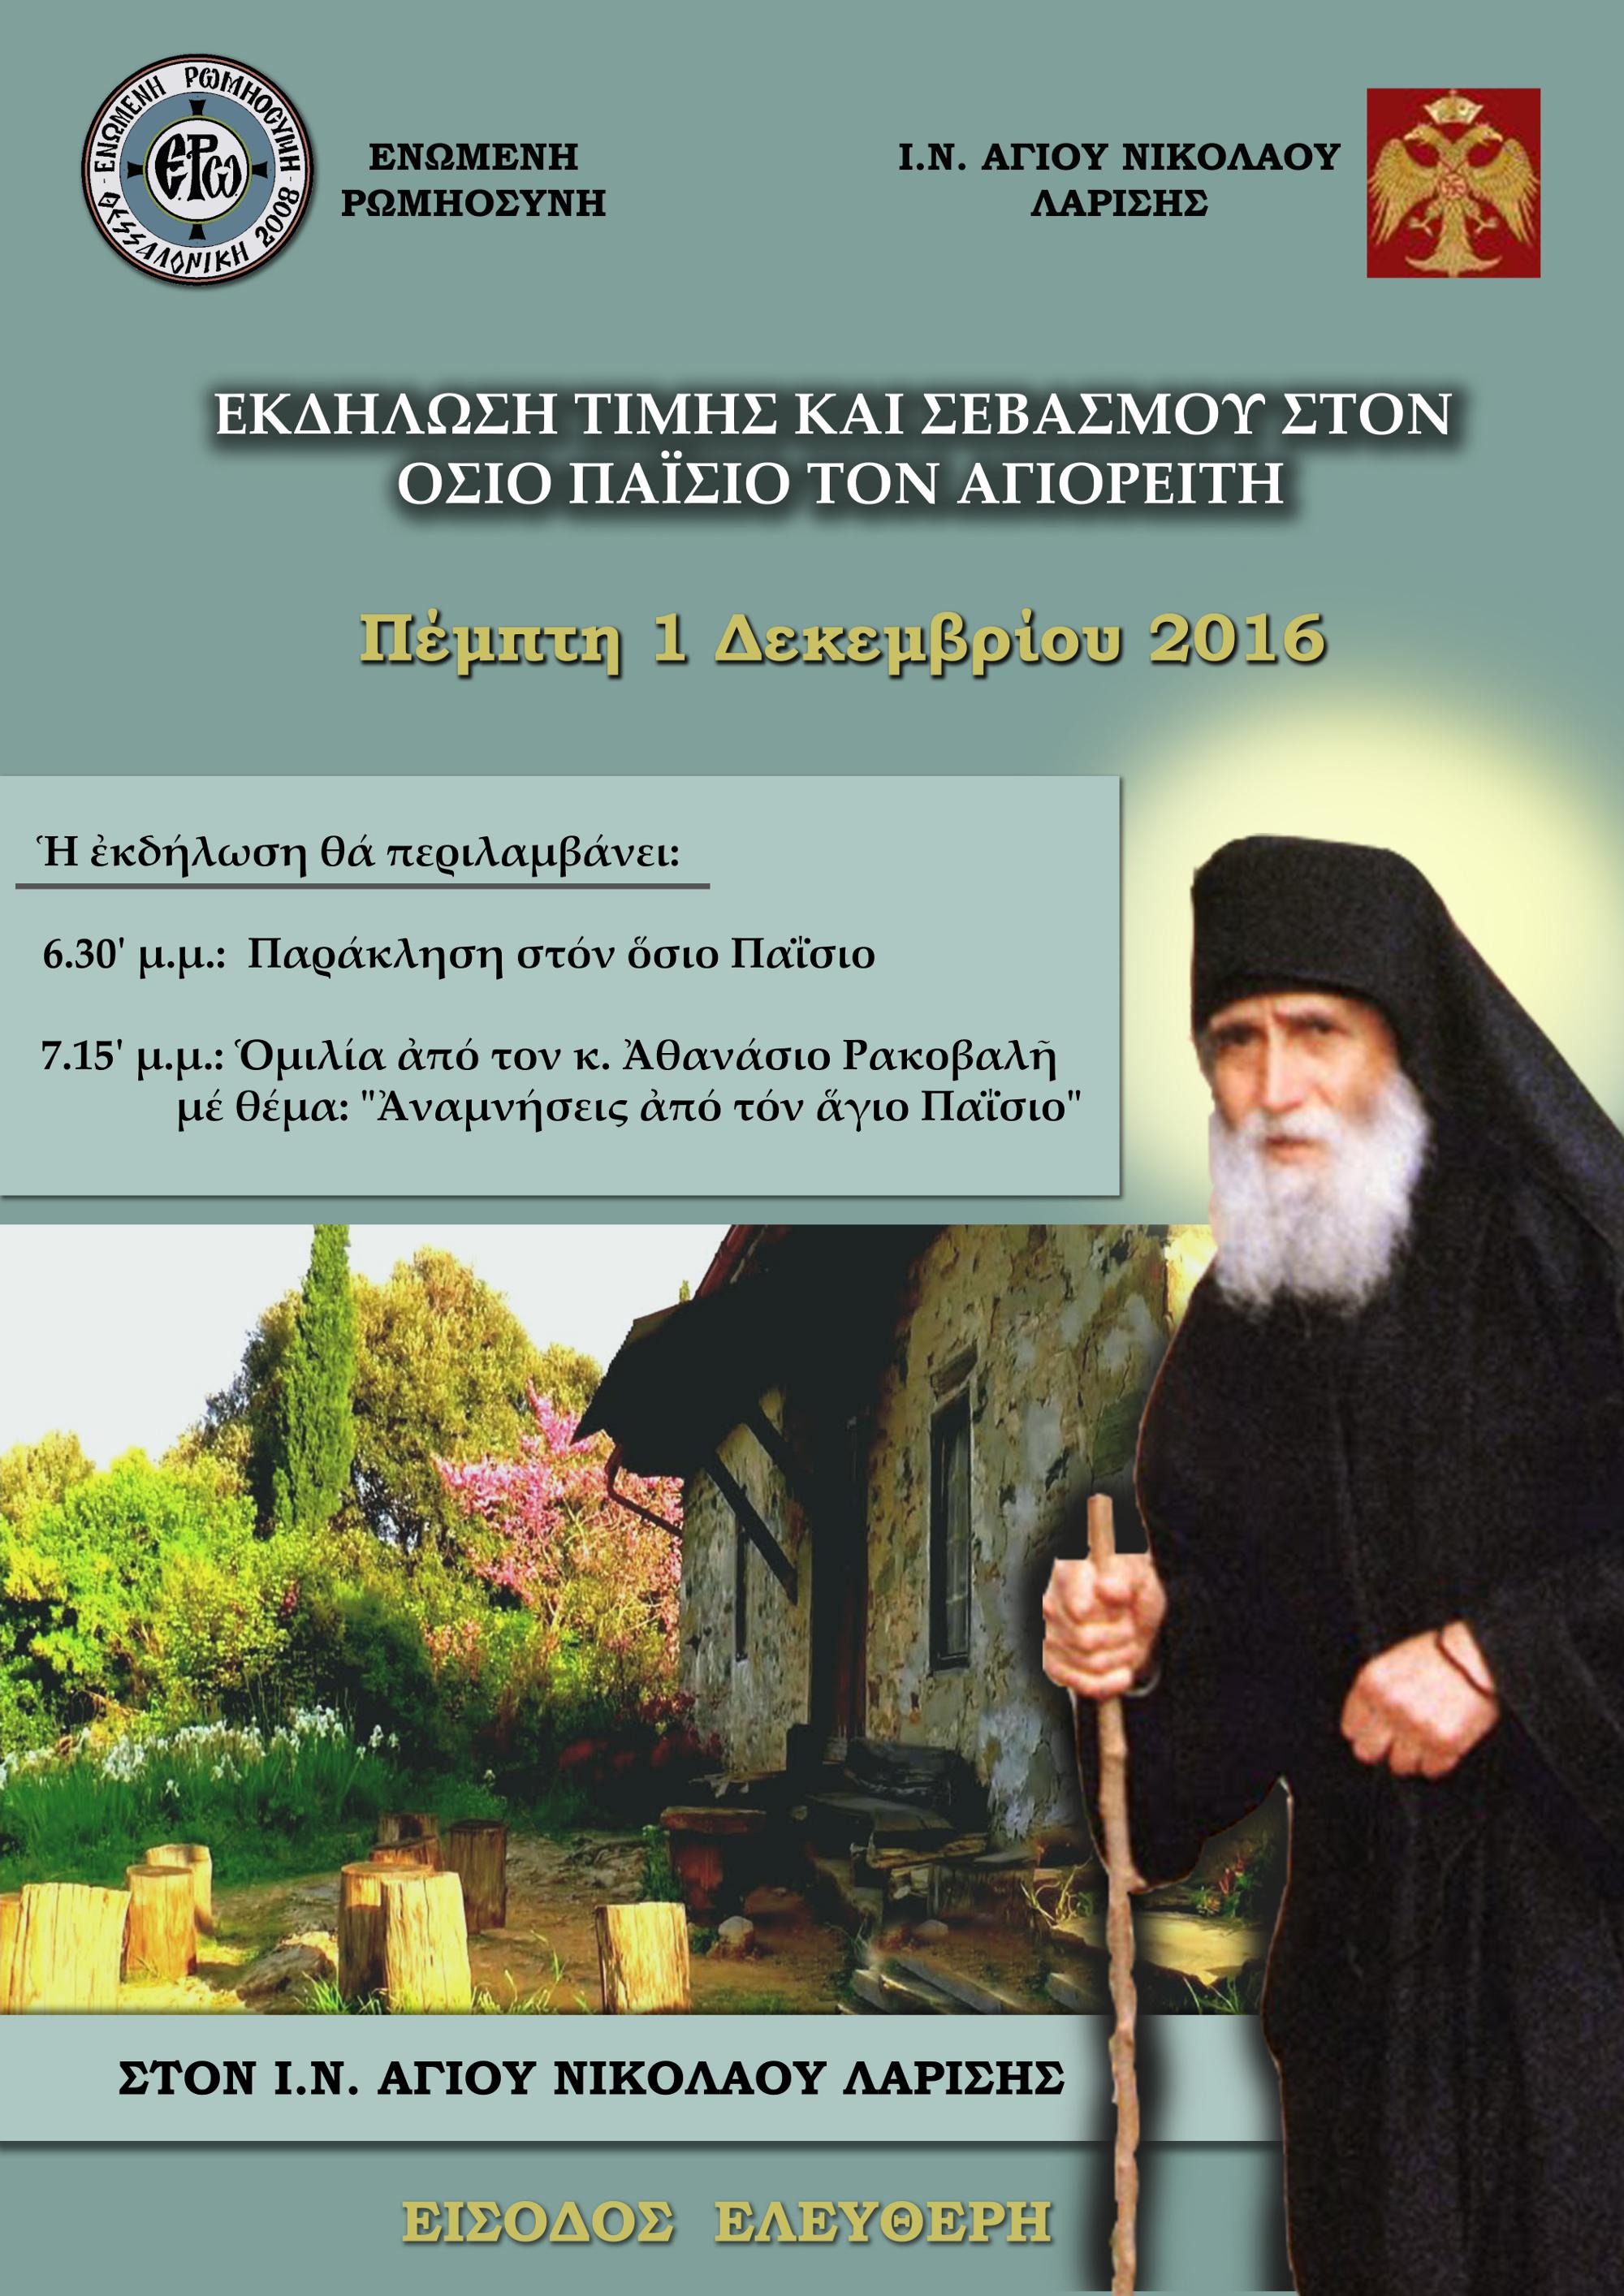 Εκδήλωση σε Θέμα «Αναμνήσεις απο τον Άγιο Παίσιο» στη Λάρισα στις 1-12